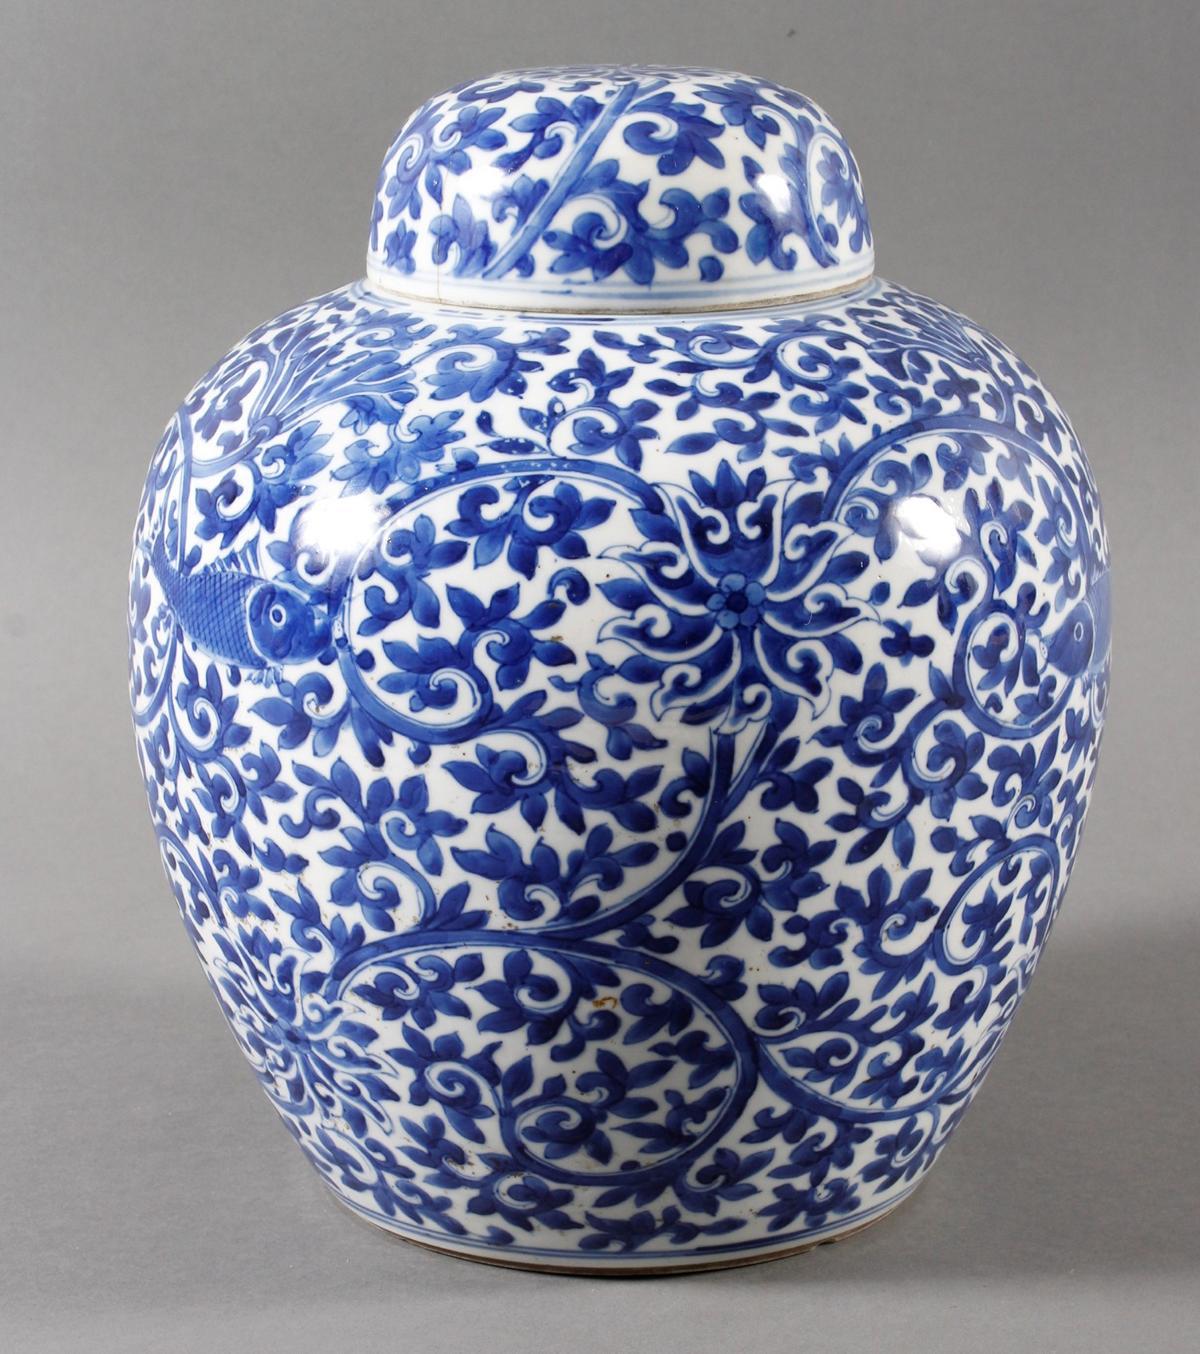 Blau-weiß Vase mit Deckel, Porzellan, China, Kang-hsi (1662-1722) Marke und Periode-3